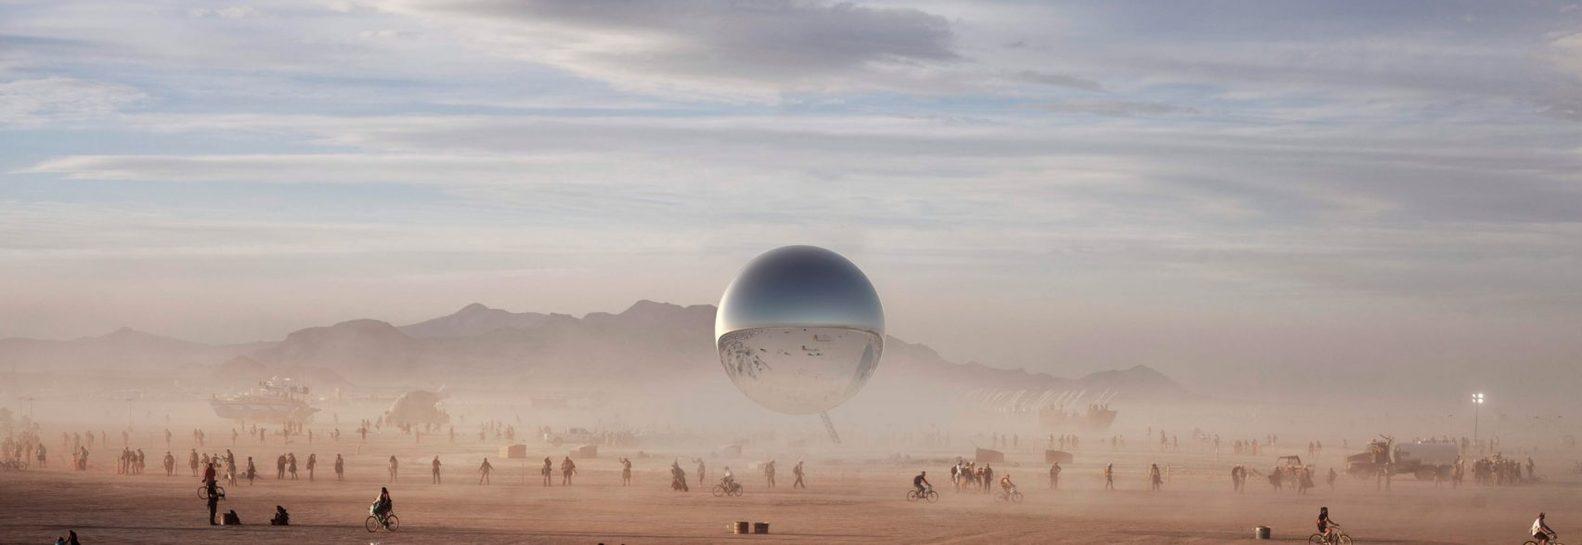 22 - Pari réussi pour BIG son ORB géant prend forme au festival Burning Man